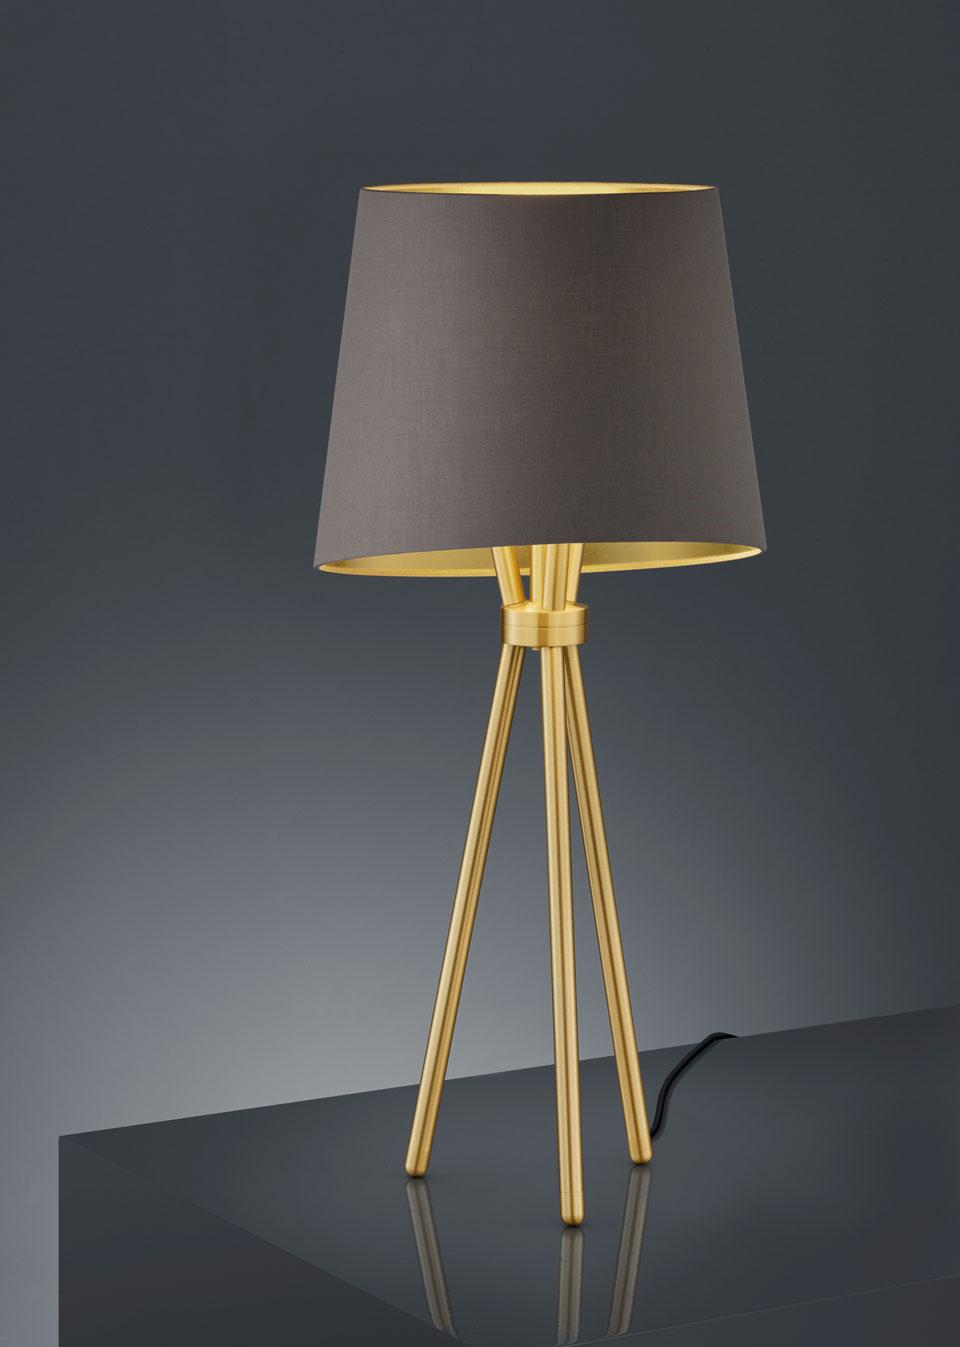 Lampe de table trépied doré et tissu vert olive. Baulmann Leuchten.